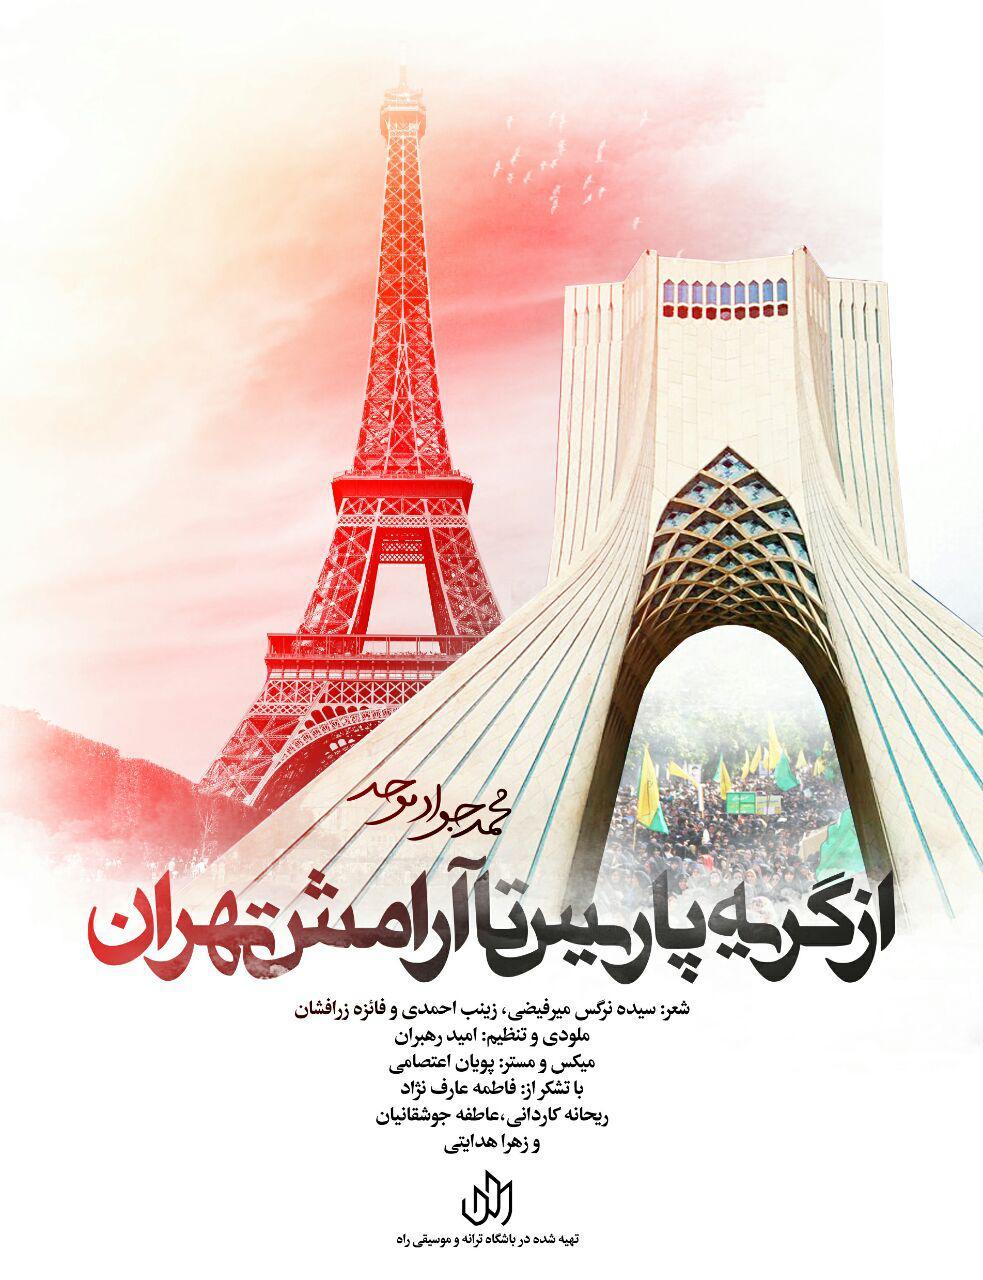 نماهنگ «از گریه پاریس تا آرامش تهران» منتشر شد